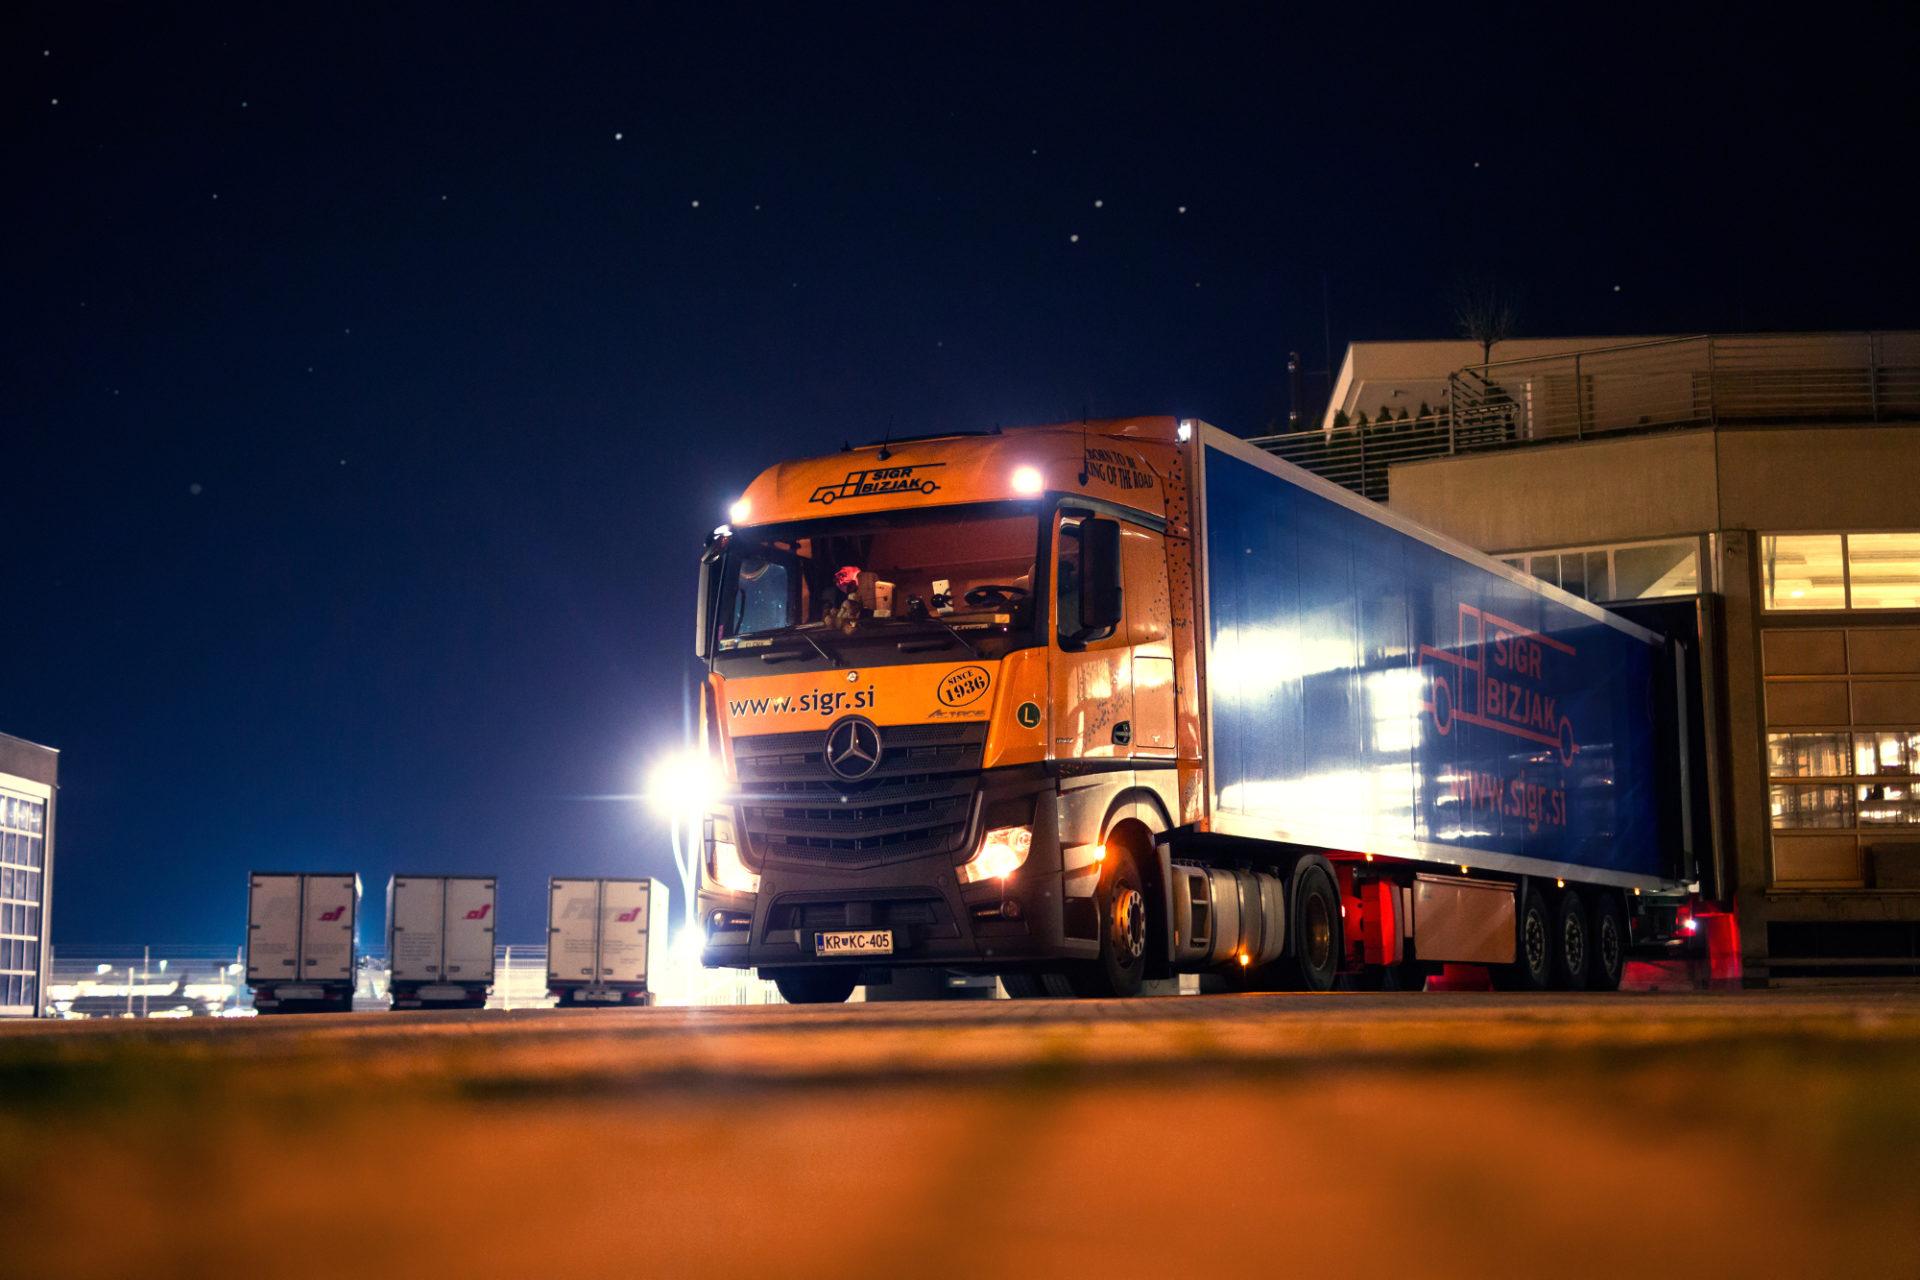 Tovorno vozilo ponoči